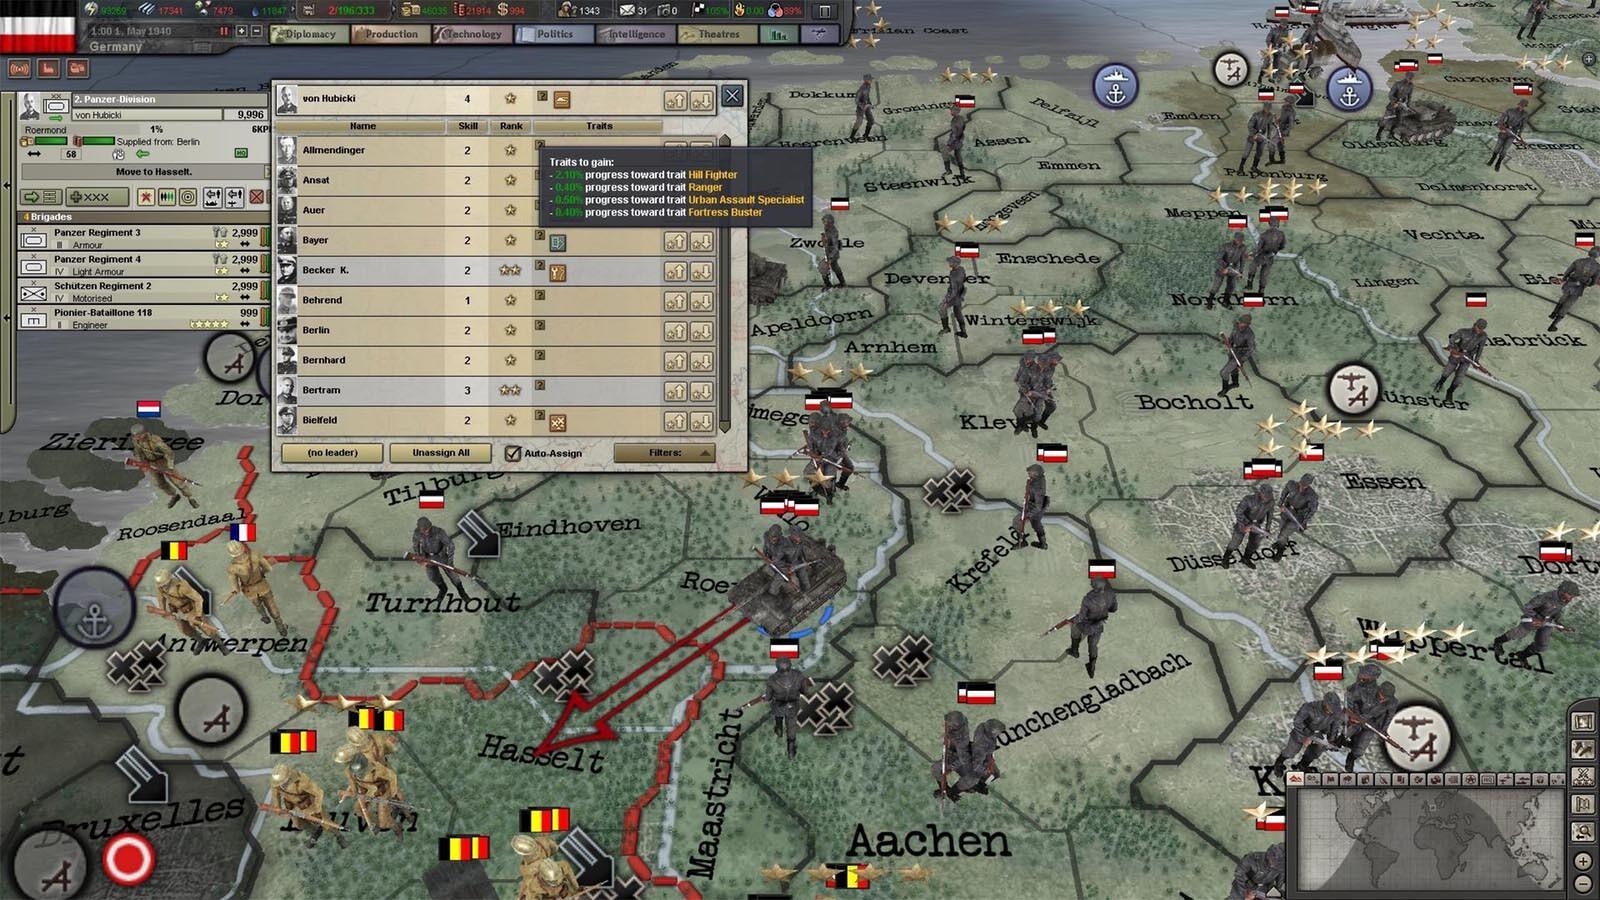 Zweiter Weltkrieg Strategiespiele